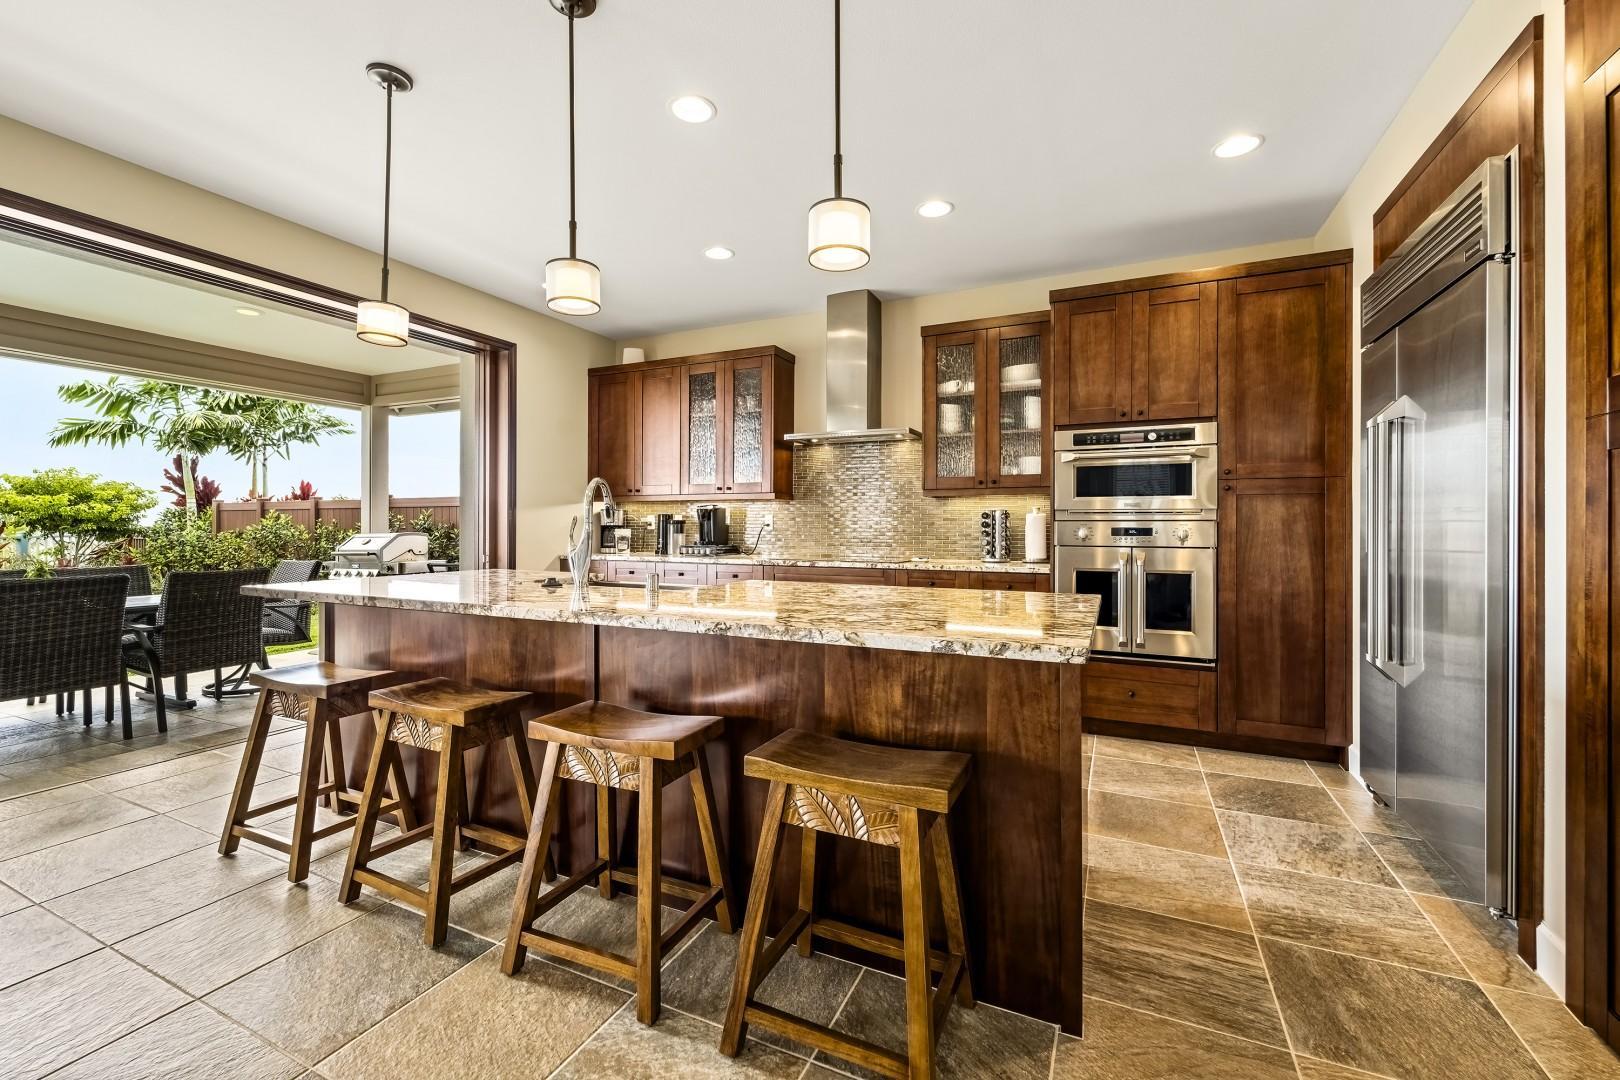 Elegant kitchen with breakfast bar!